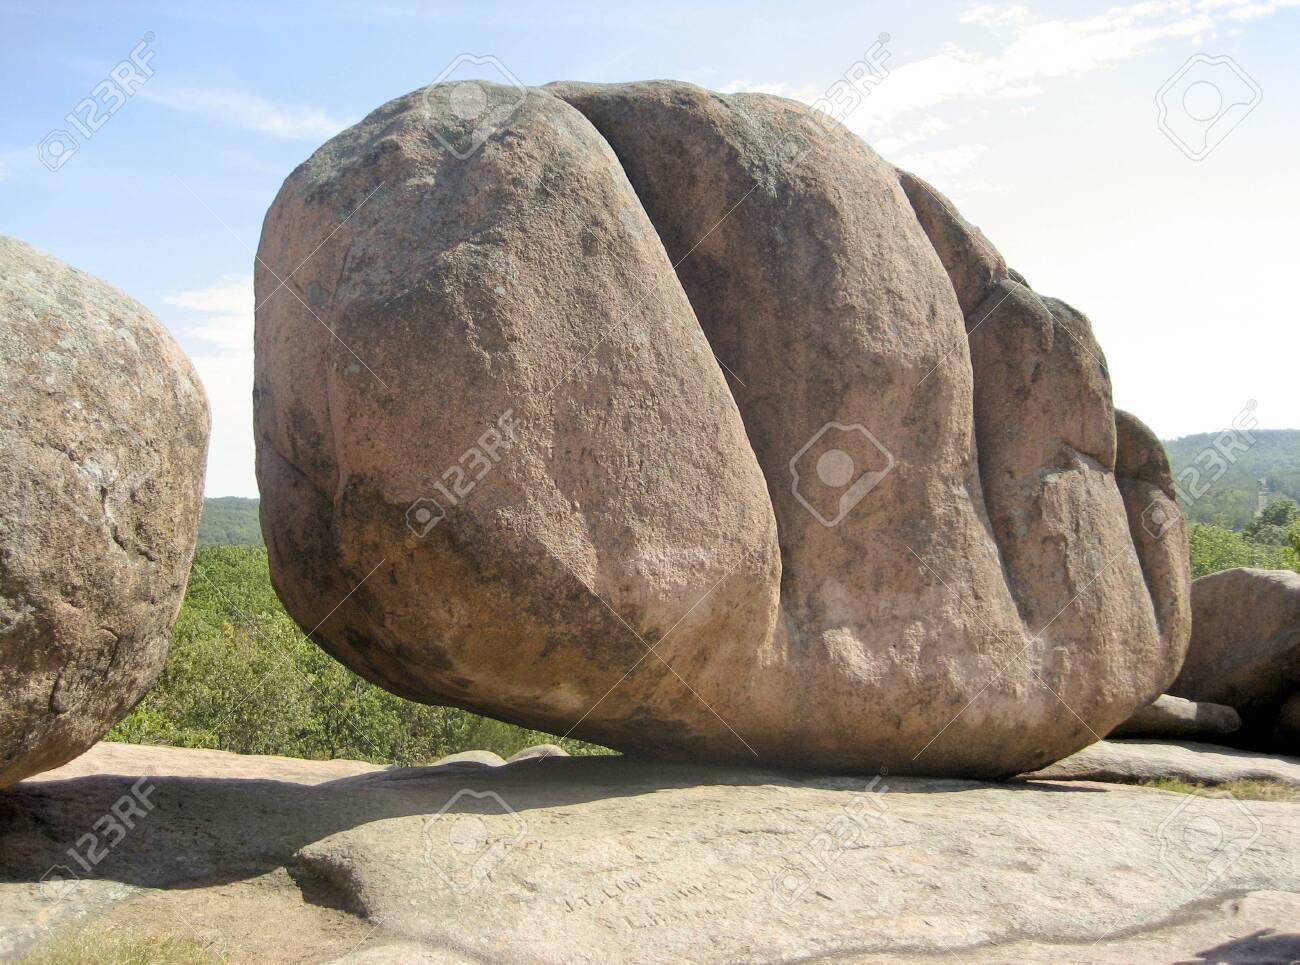 Huge Boulder at Elephant Rocks State Park - Missouri USA - 122470791